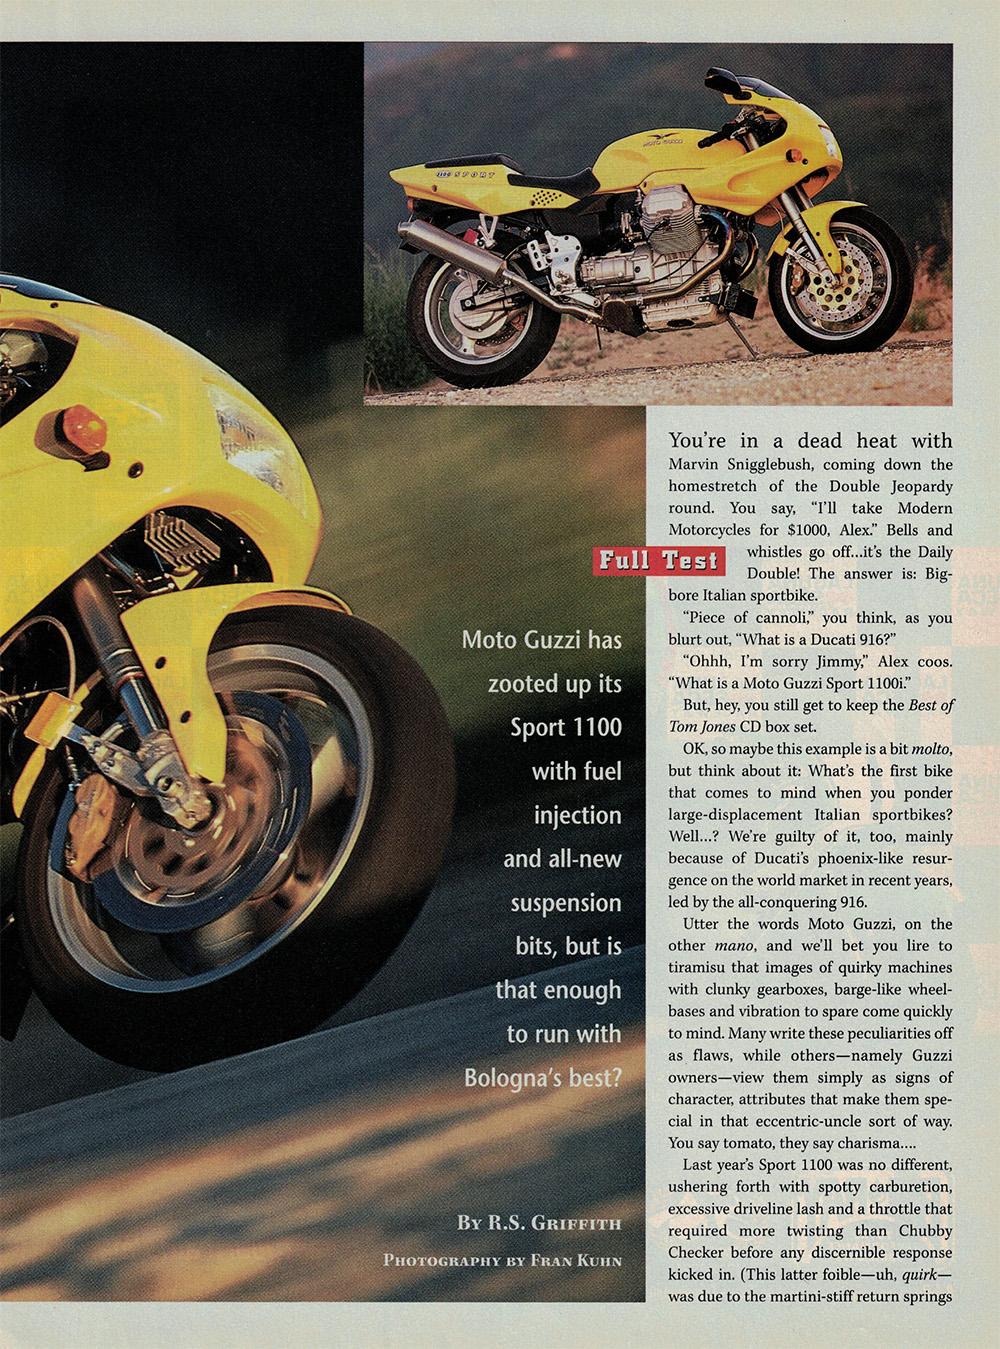 1997 Moto Guzzi Sport 1100i road test 2.jpg